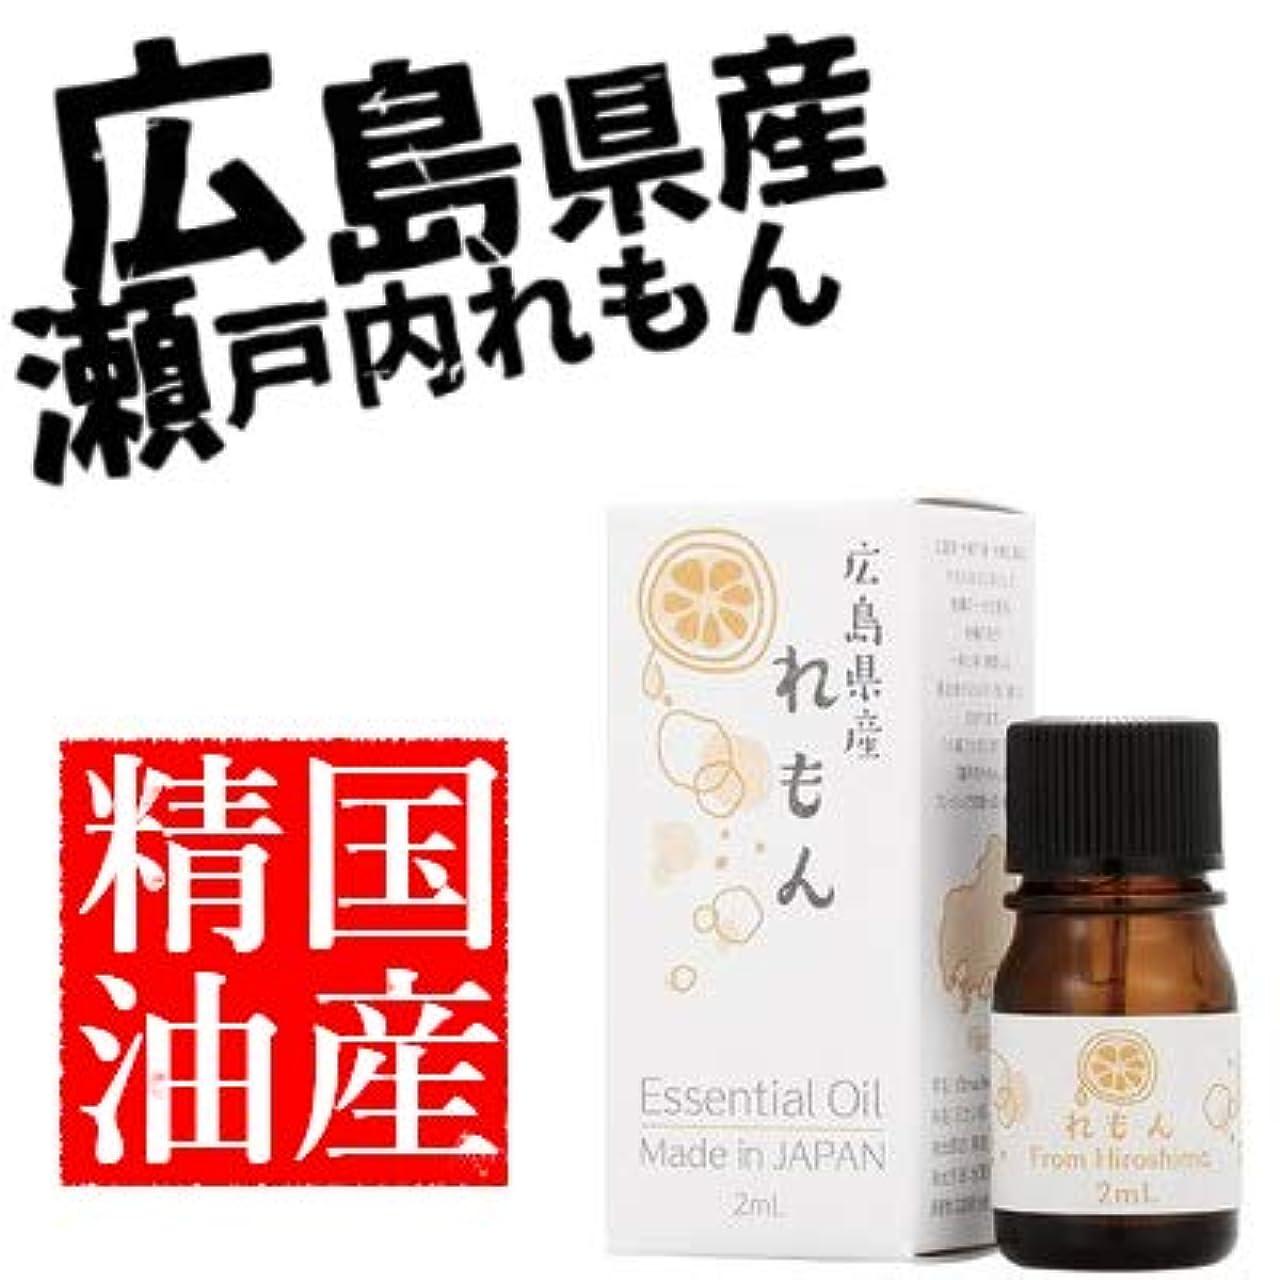 ハウジング速報優しさ日本の香りシリーズ エッセンシャルオイル 国産精油 (れもん)